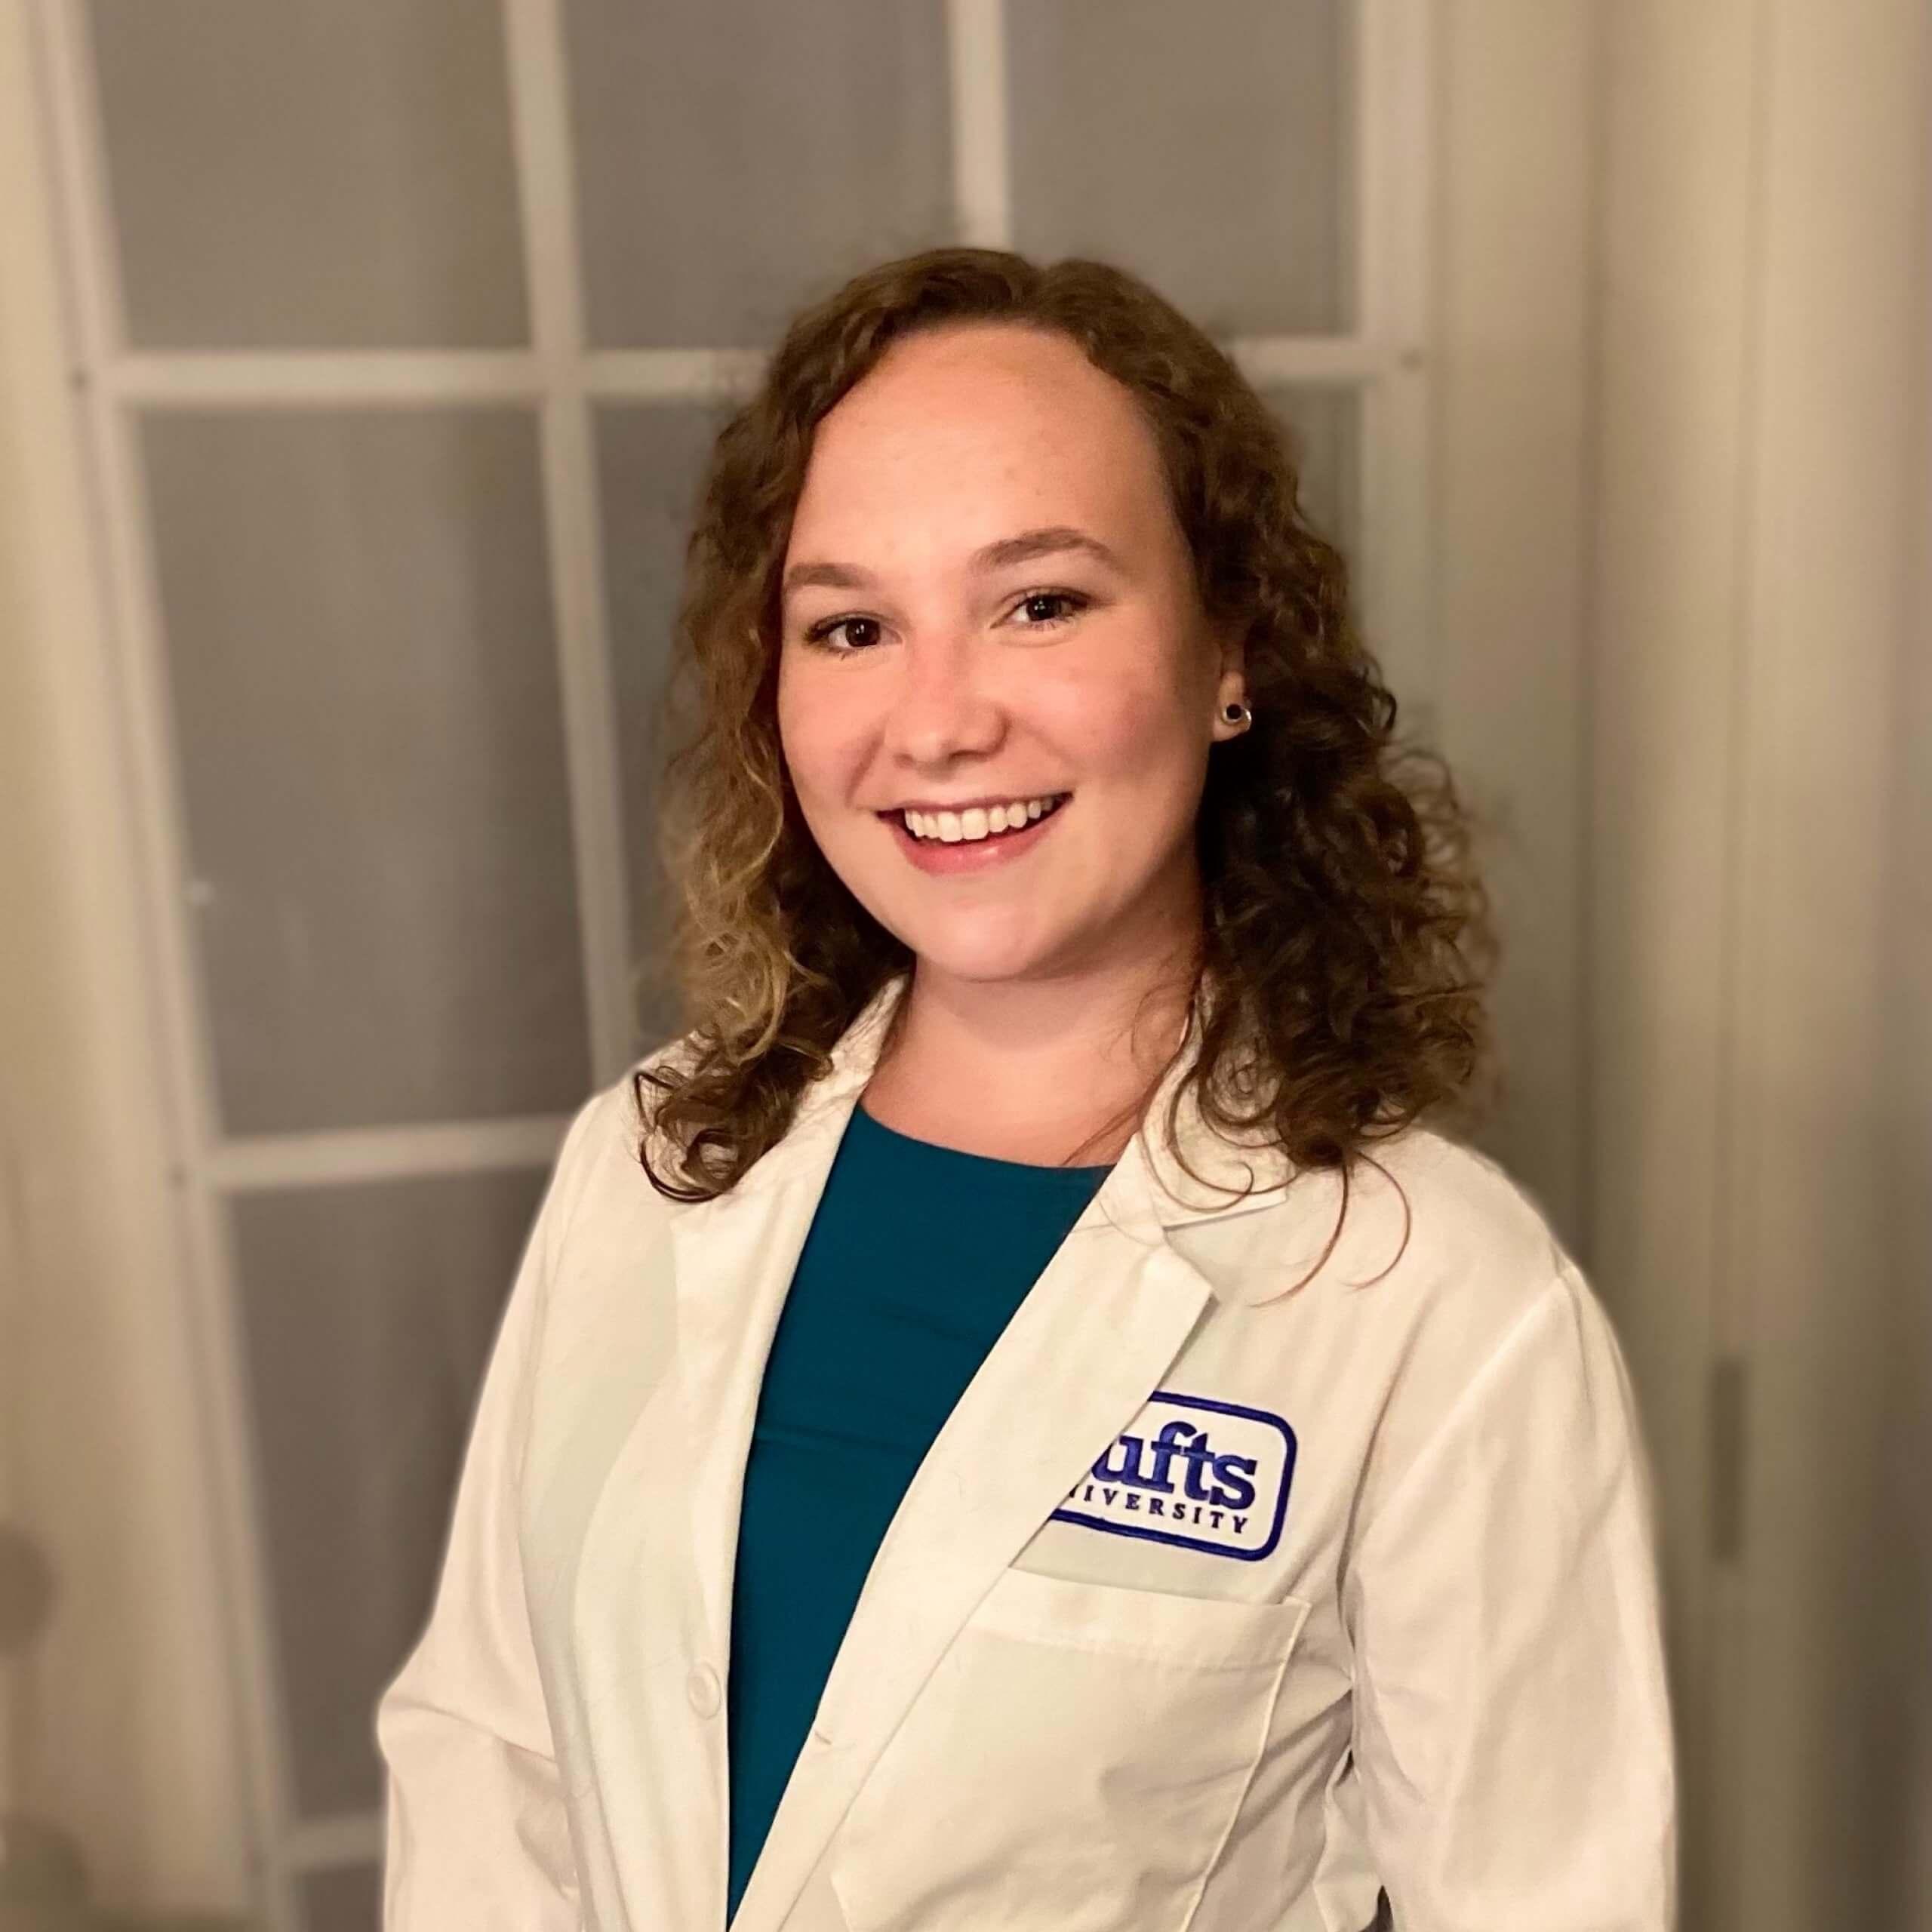 Dr. Leah DeTolla